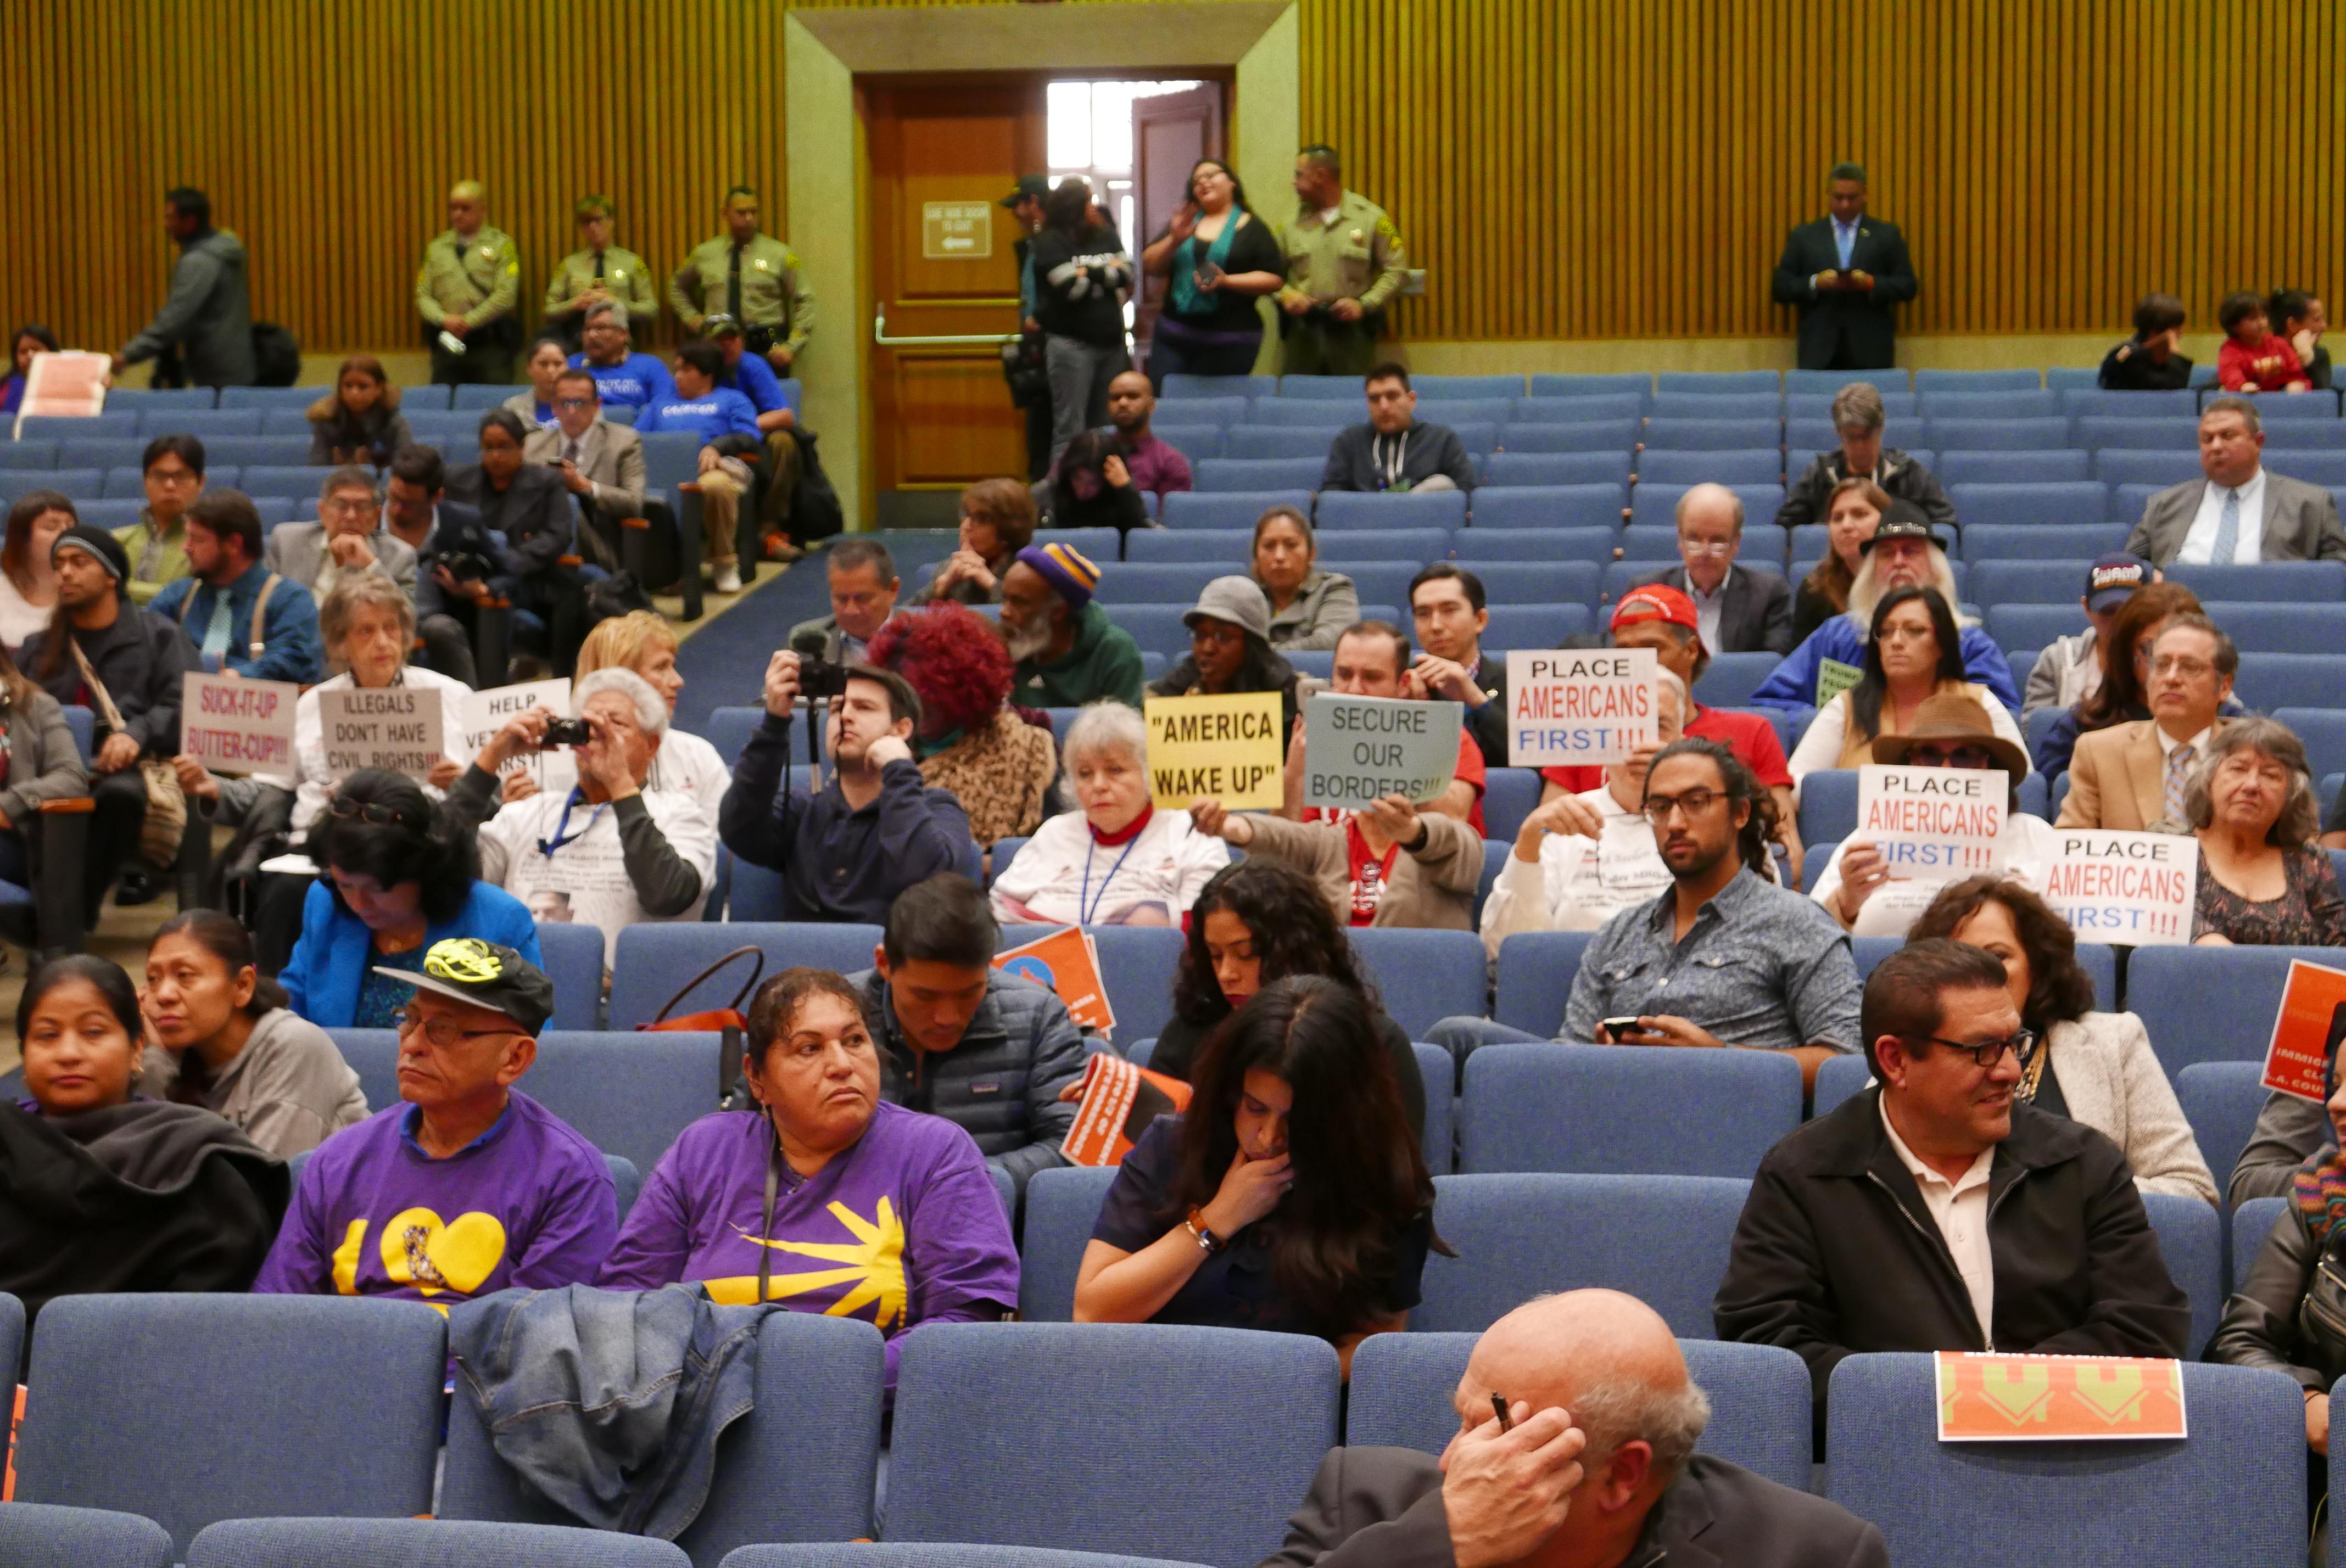 委員會討論無證移民保護,一些川普支持者前來反對無證移民提案。(記者李雪/攝影)